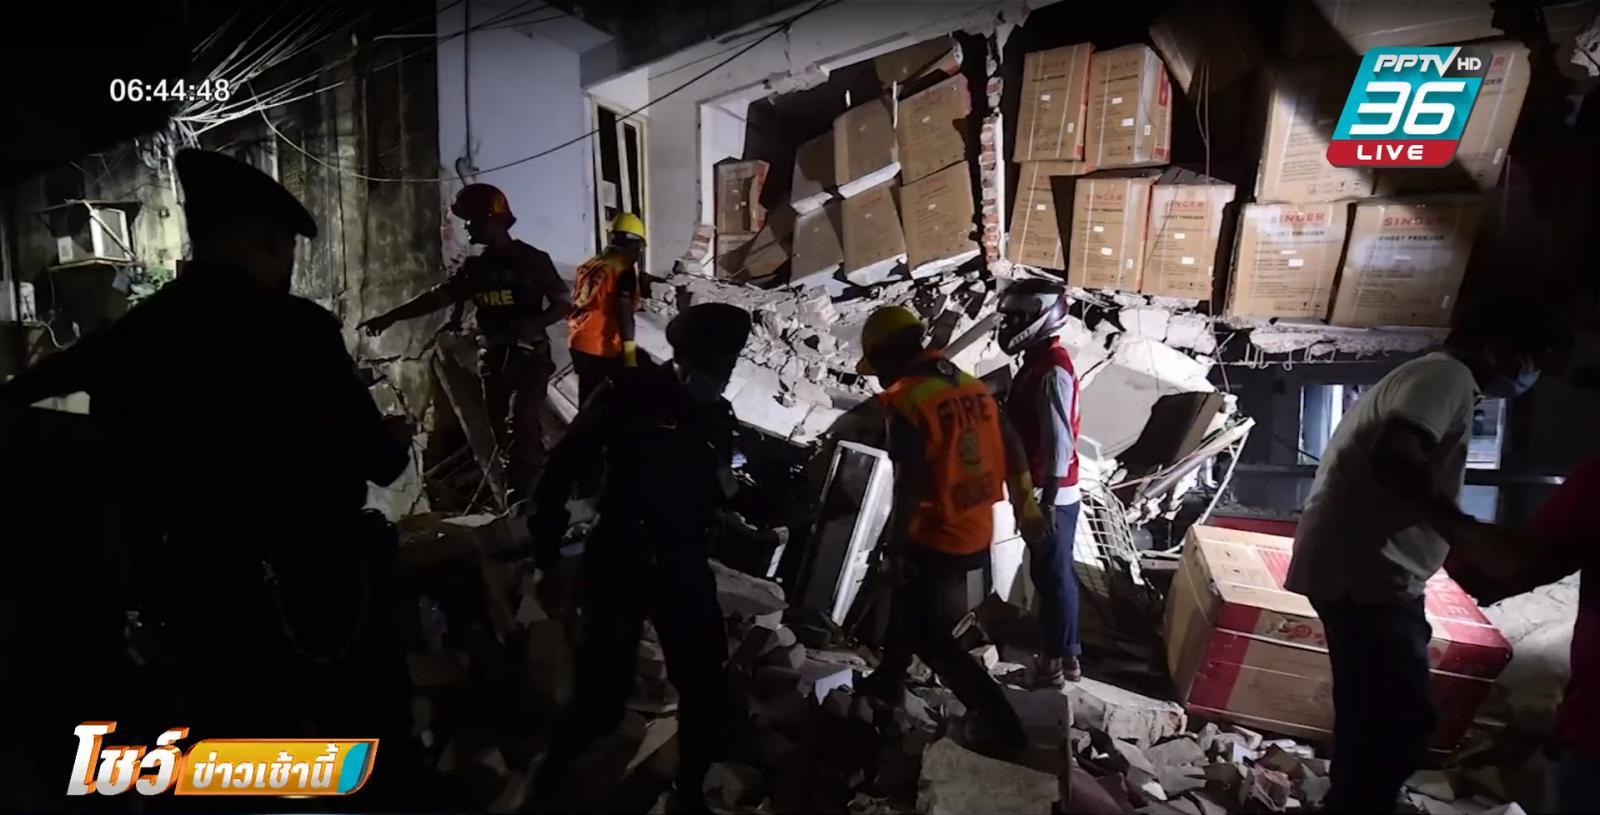 ระเบิดกลางเมืองหลวงบังกลาเทศ ดับ 7 เจ็บนับสิบ